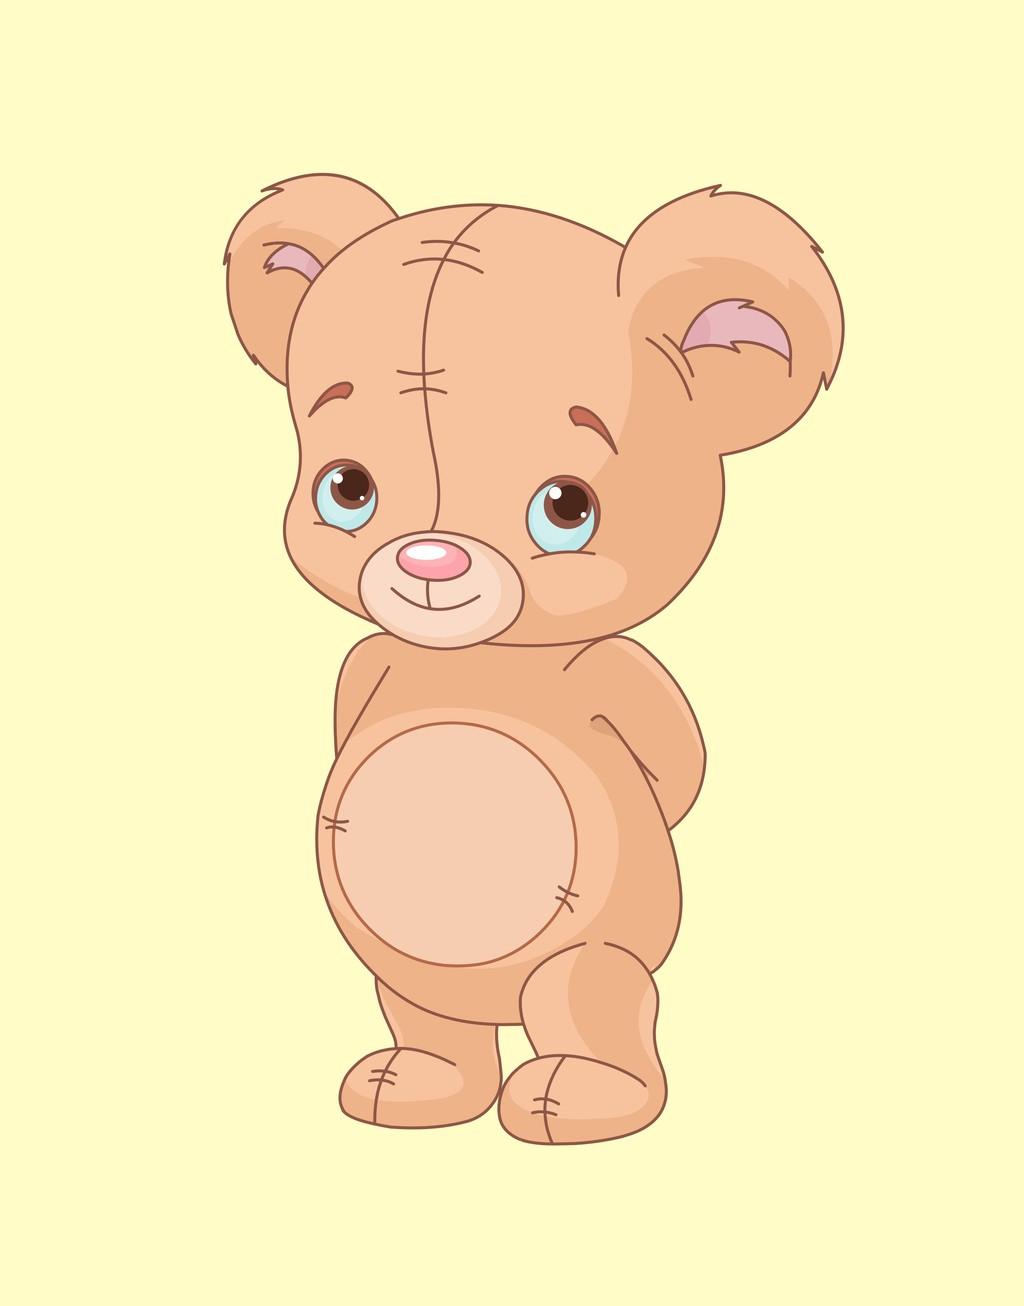 卡通动物插画小熊下载_卡通动物插画小熊图片素材其他